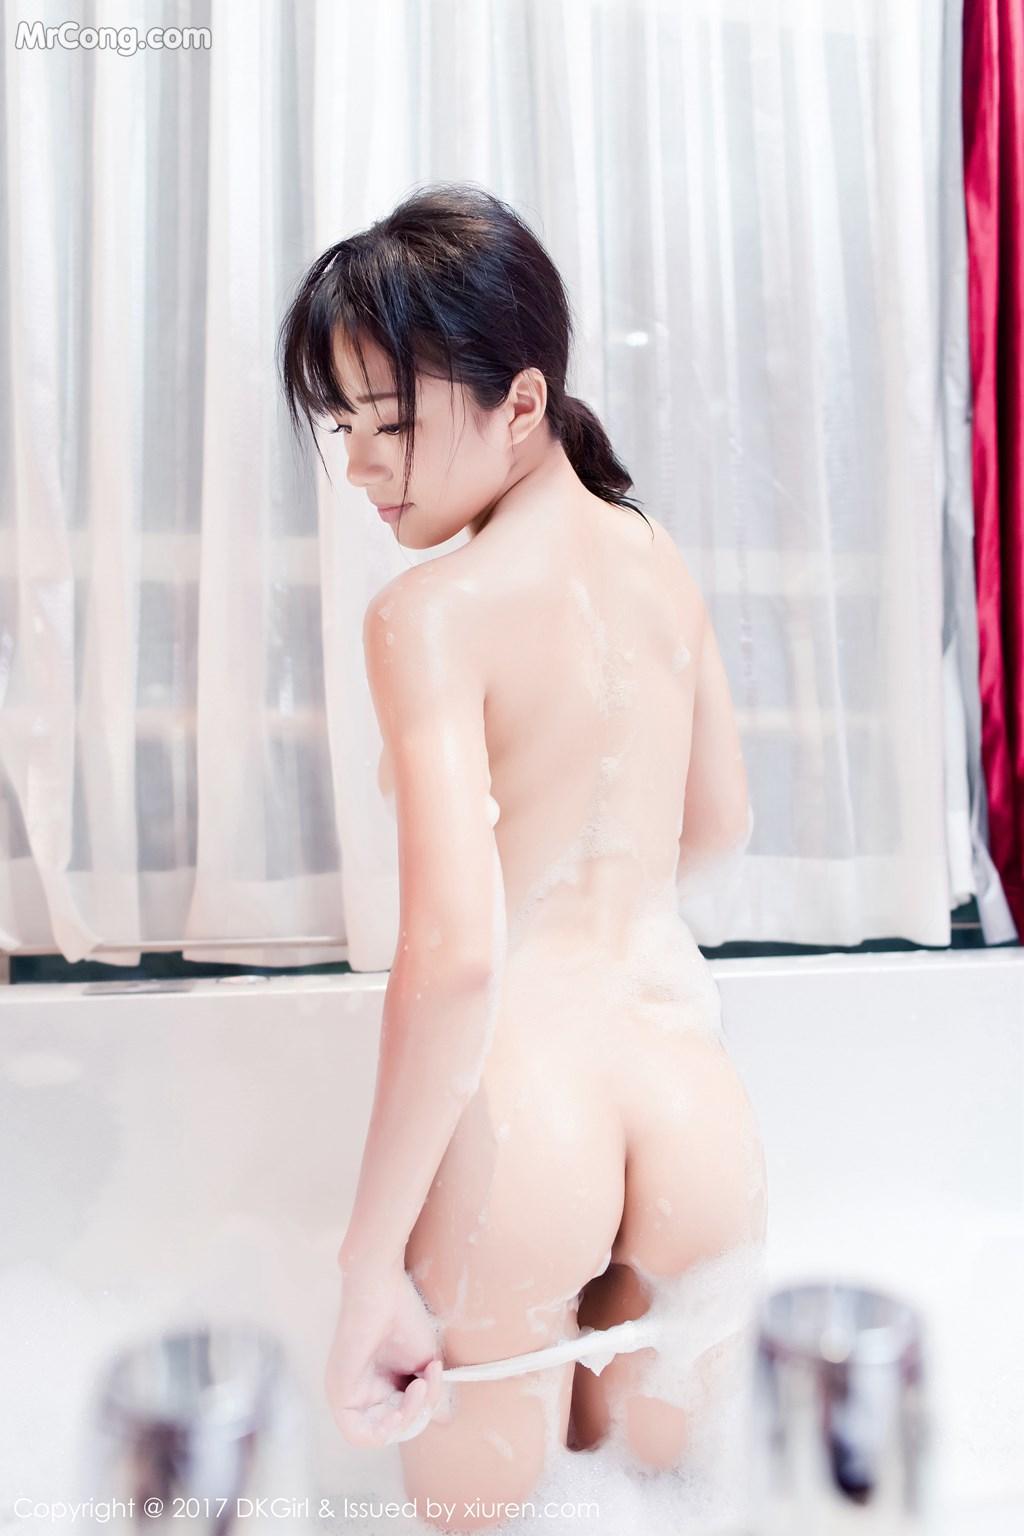 Image DKGirl-Vol.046-Cang-Jing-You-Xiang-MrCong.com-043 in post DKGirl Vol.046: Người mẫu Cang Jing You Xiang (仓井优香) (57 ảnh)